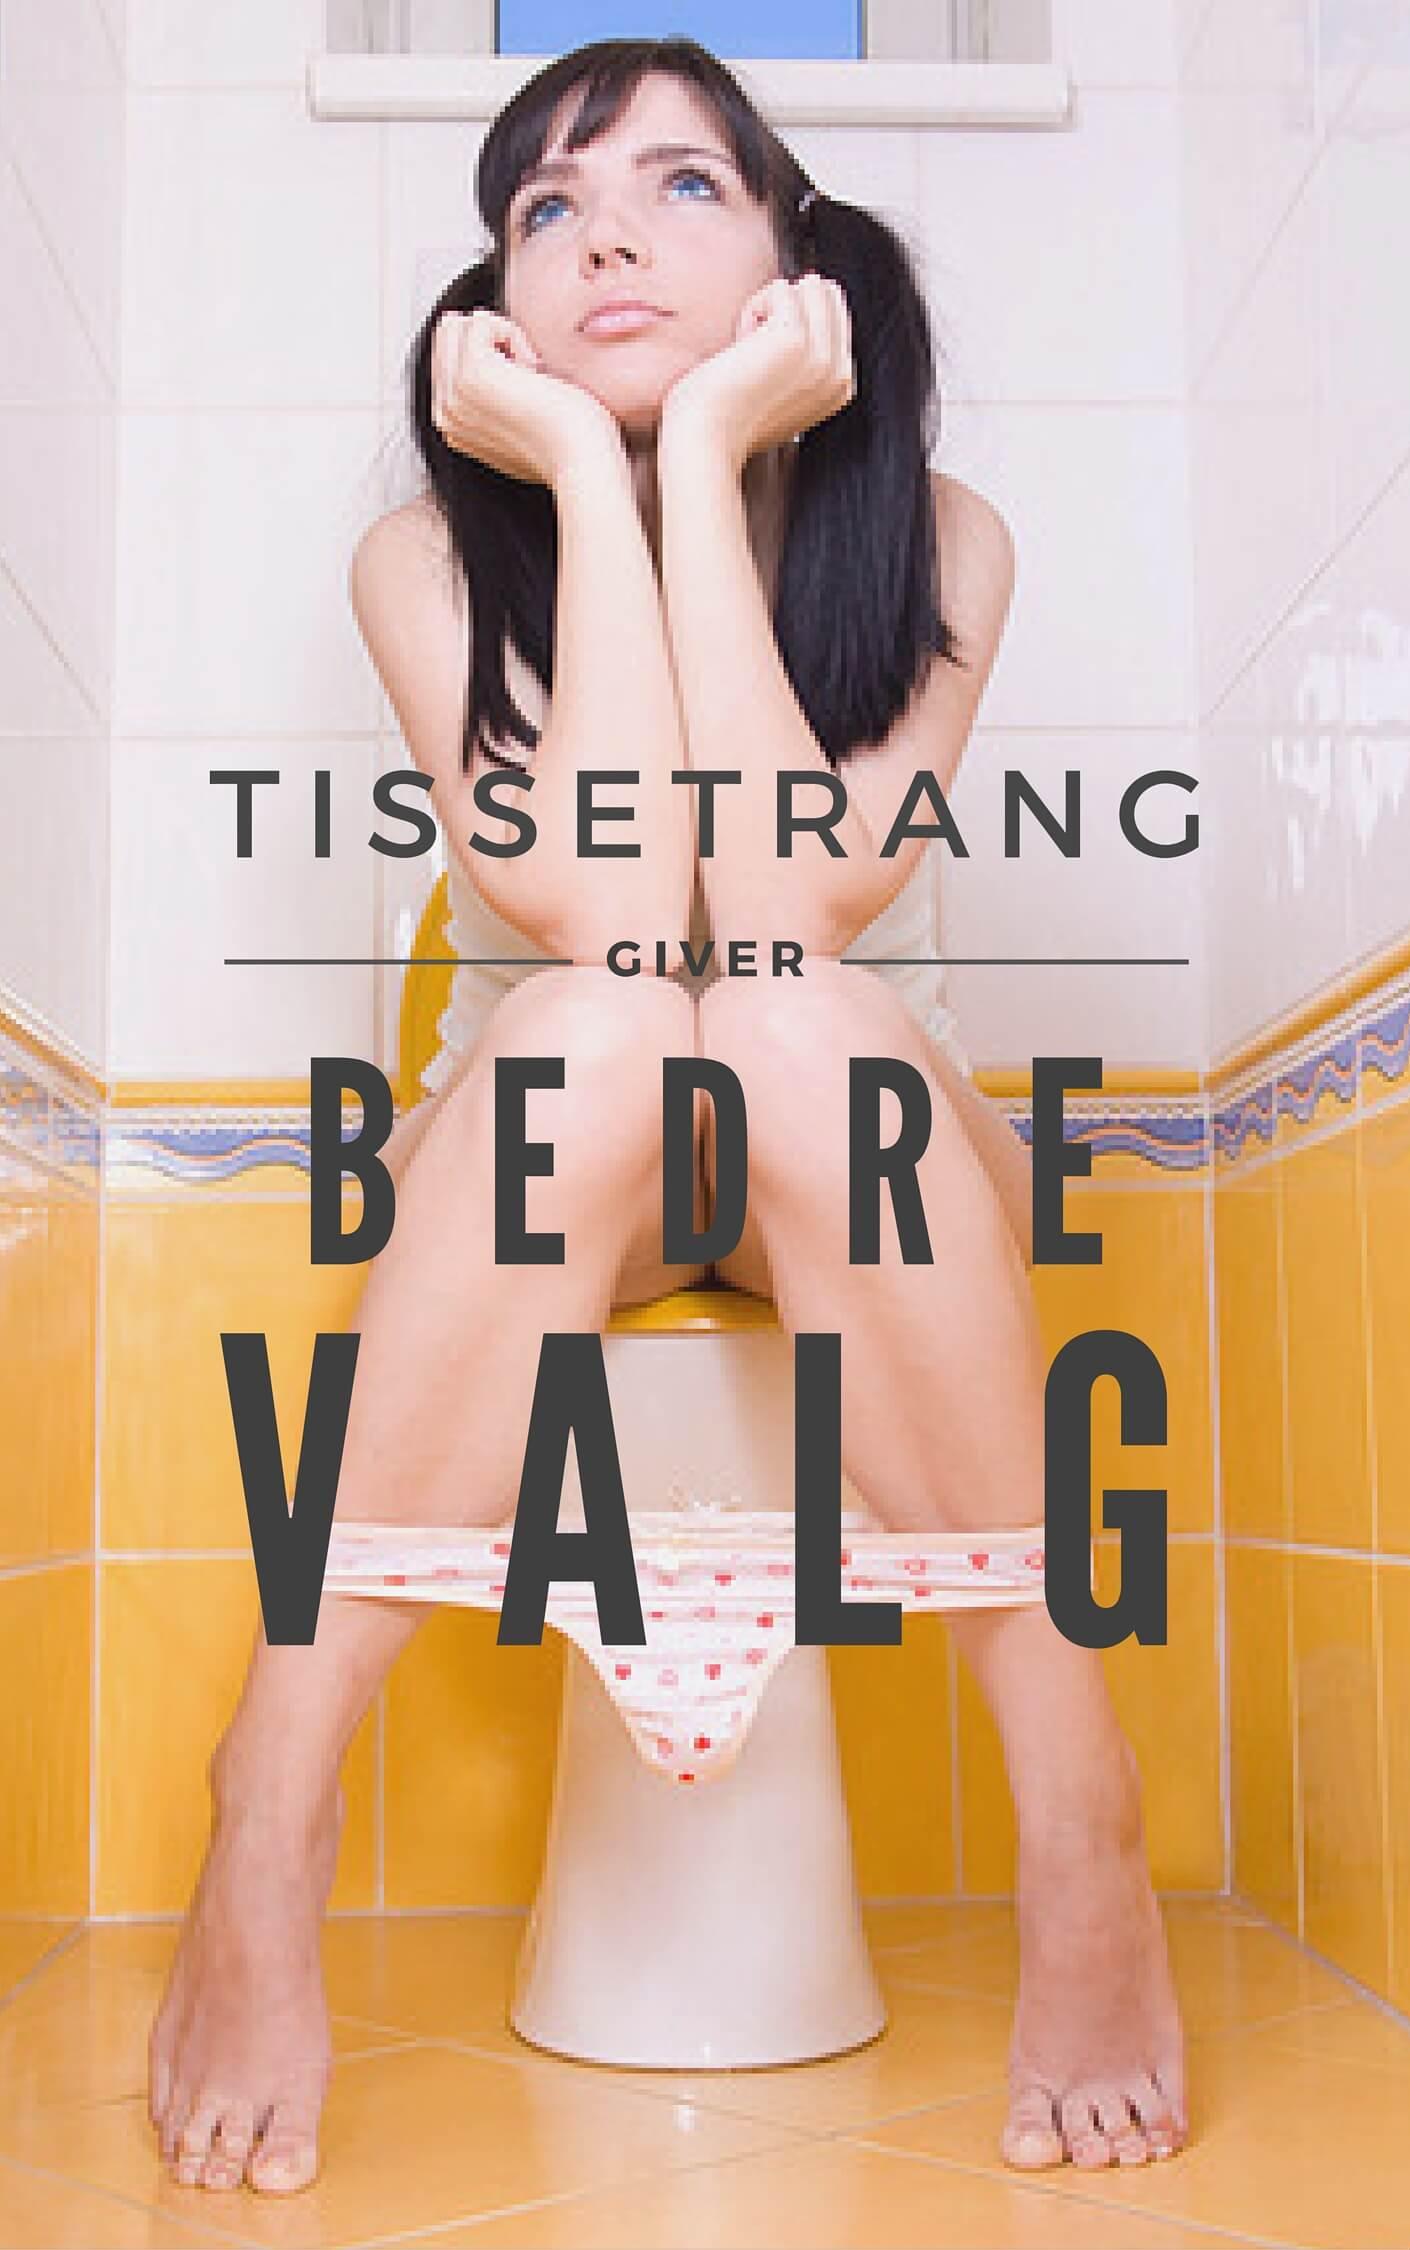 tissetrang